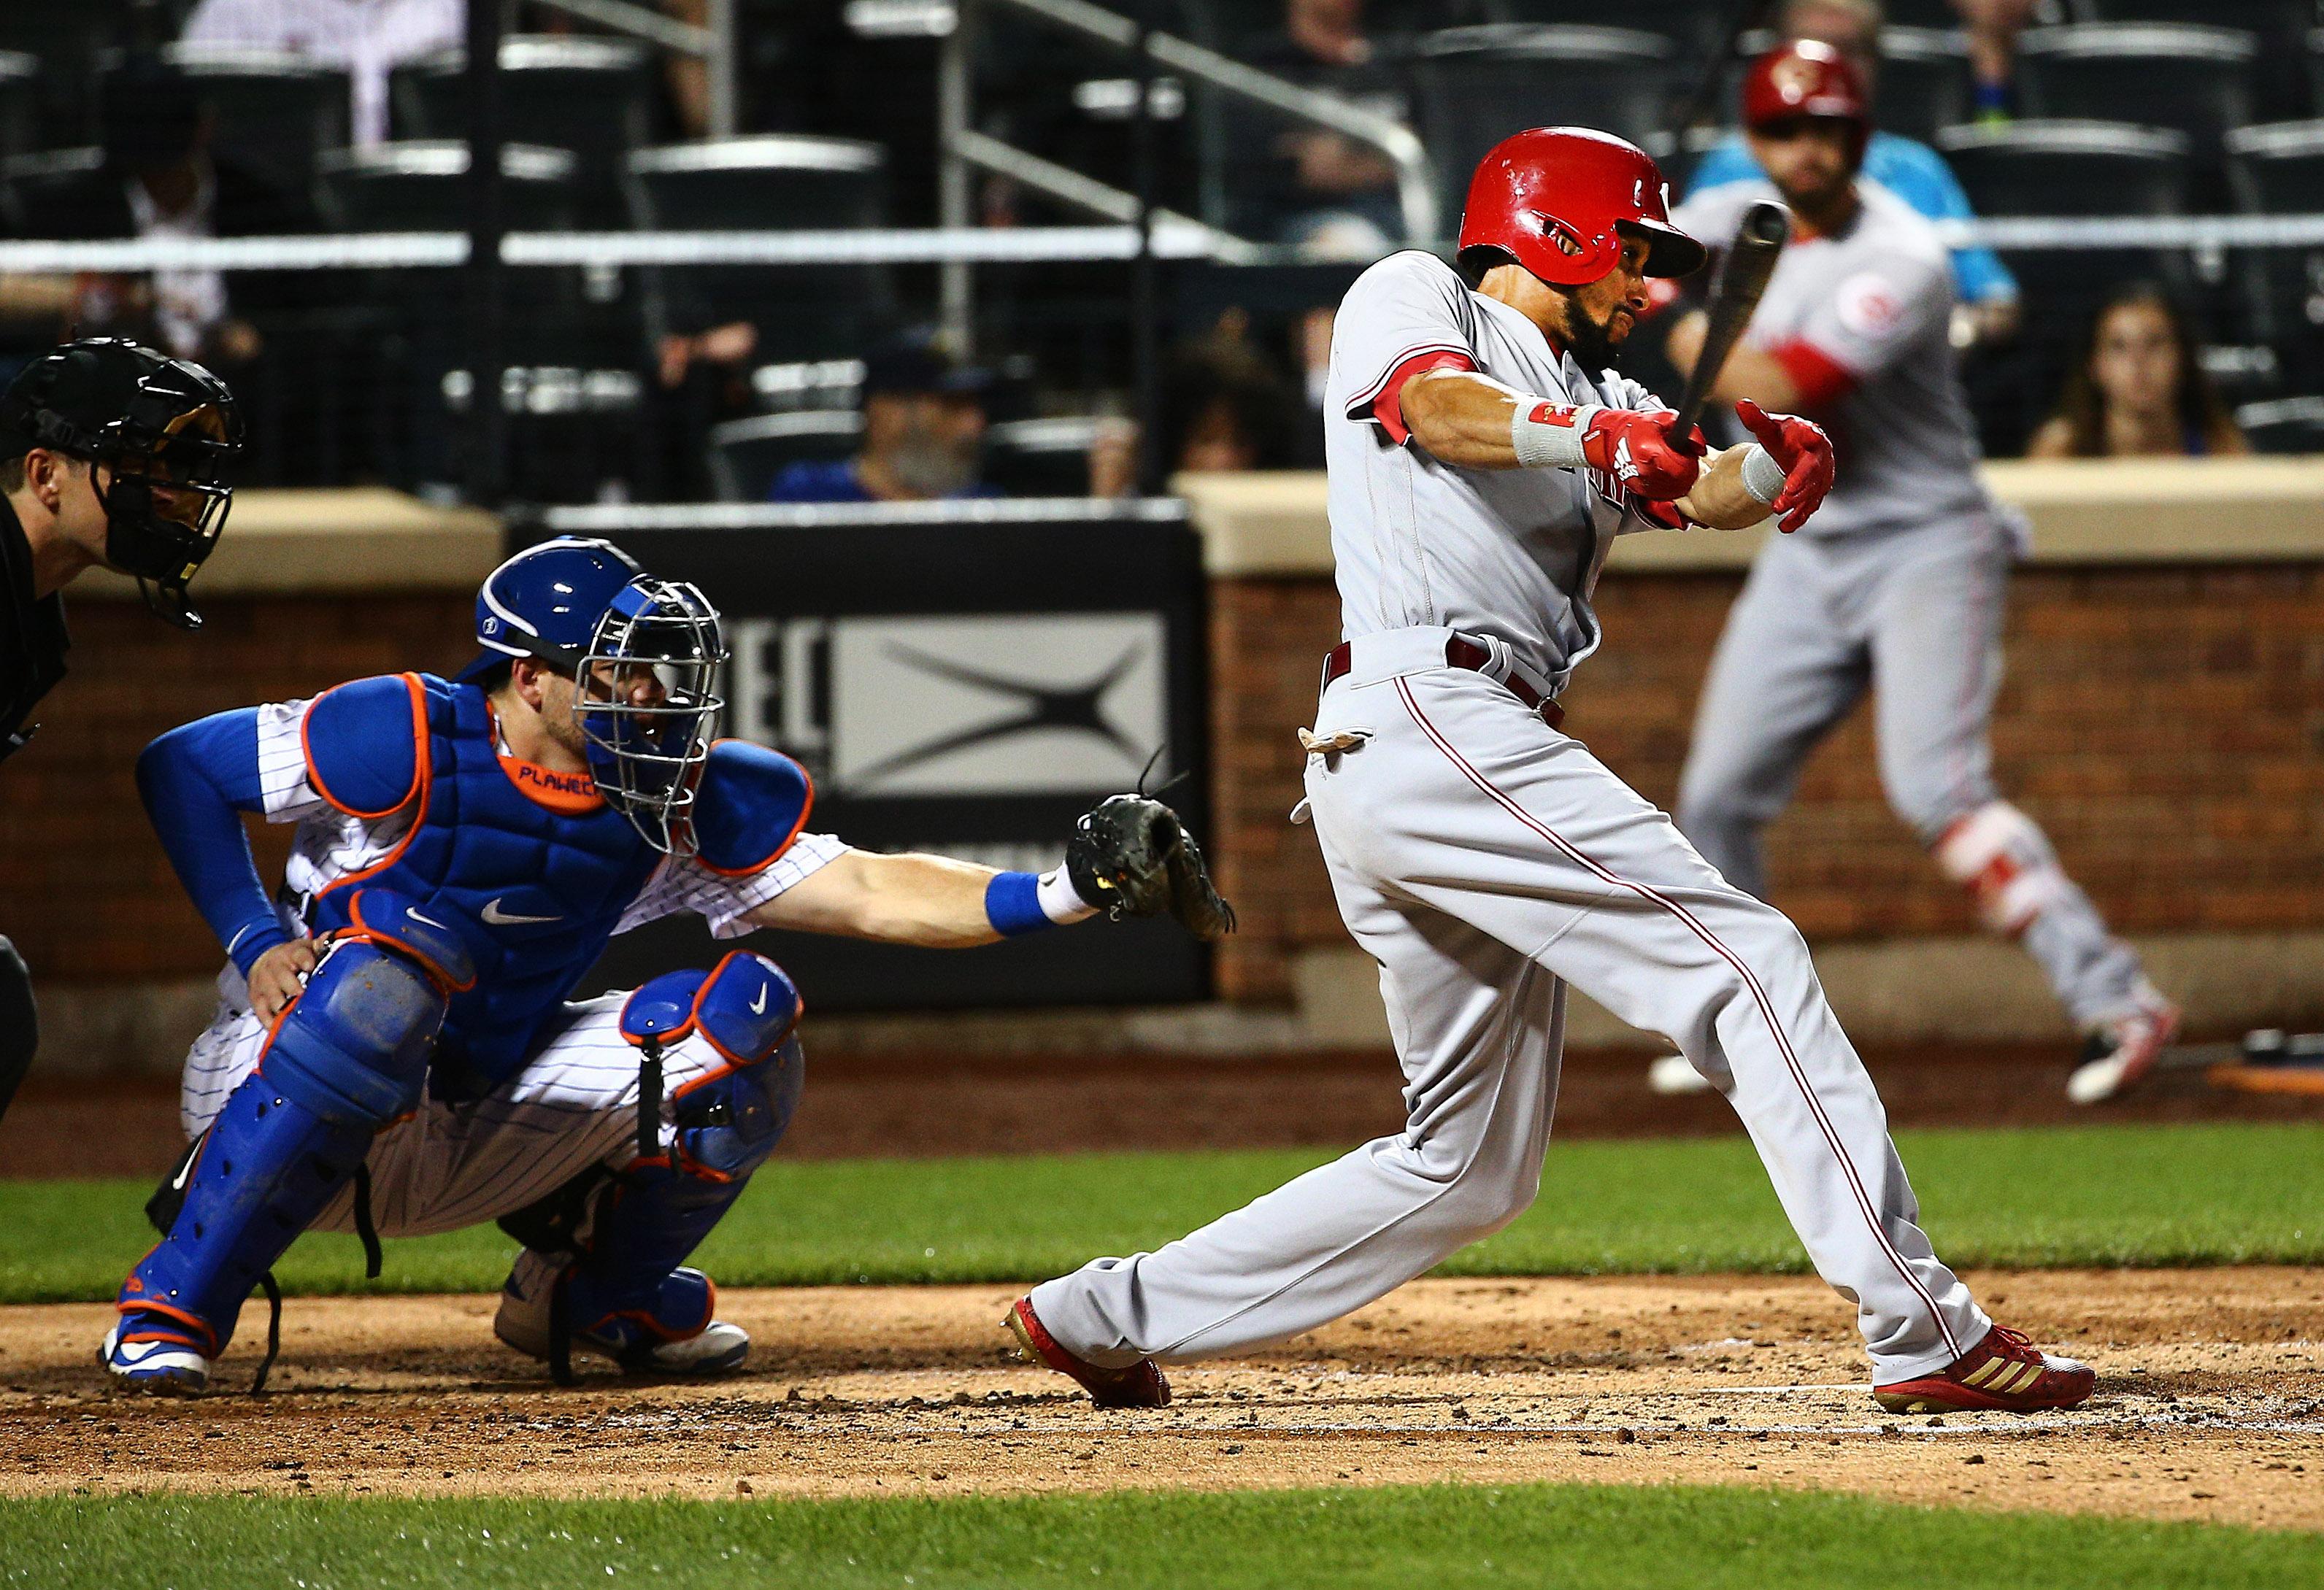 8/8/18 Game Preview: Cincinnati Reds at New York Mets